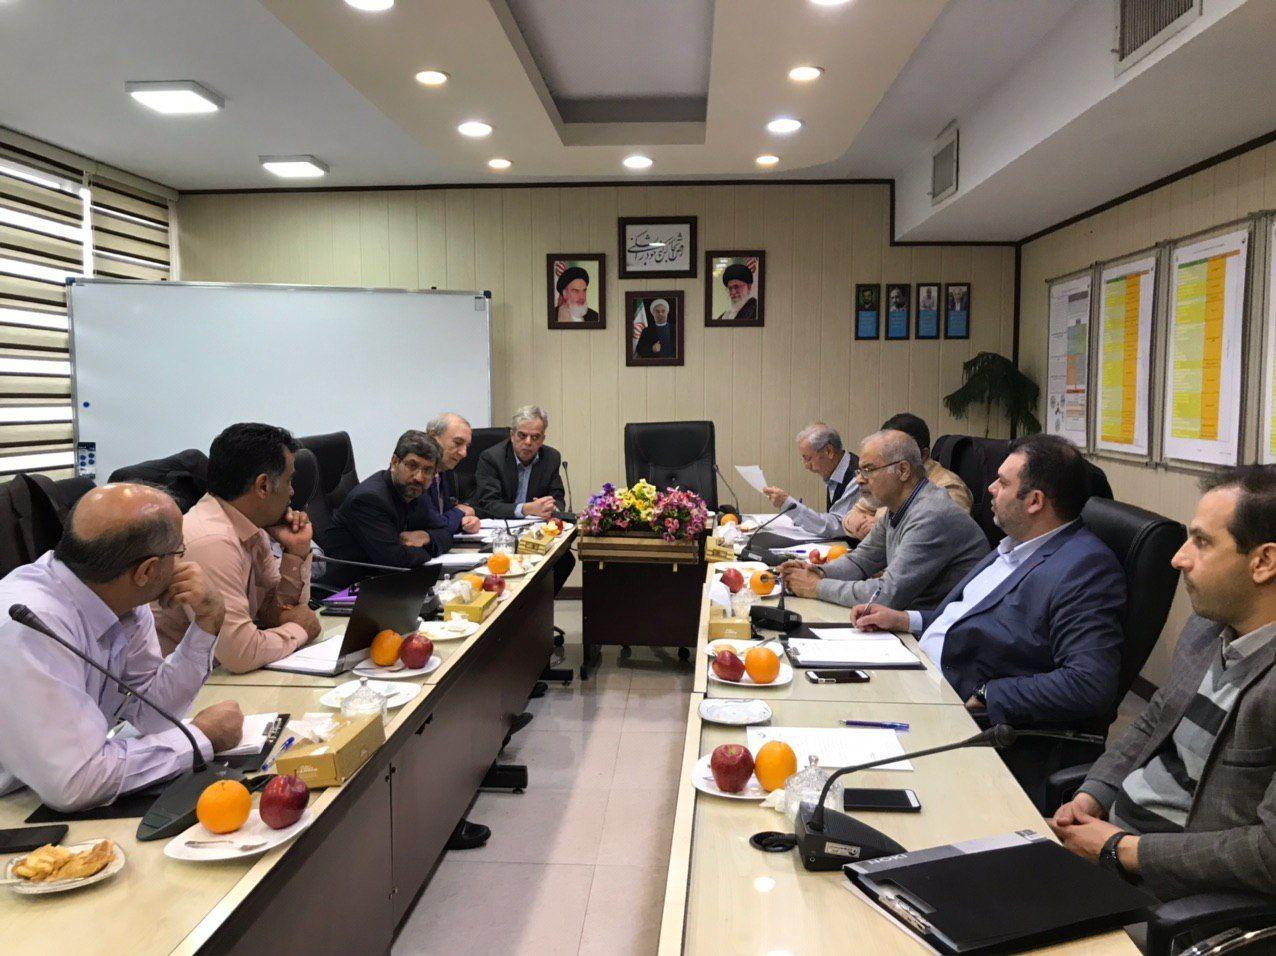 پذیرش استعفای اسماعیلی از سمت ریاست سازمان نظام مهندسی معدن ایران از سوی رئیس جمهور/ شورای مرکزی نظام 2 نفر را برای تصدی جایگاه رئیس پیشنهاد داد